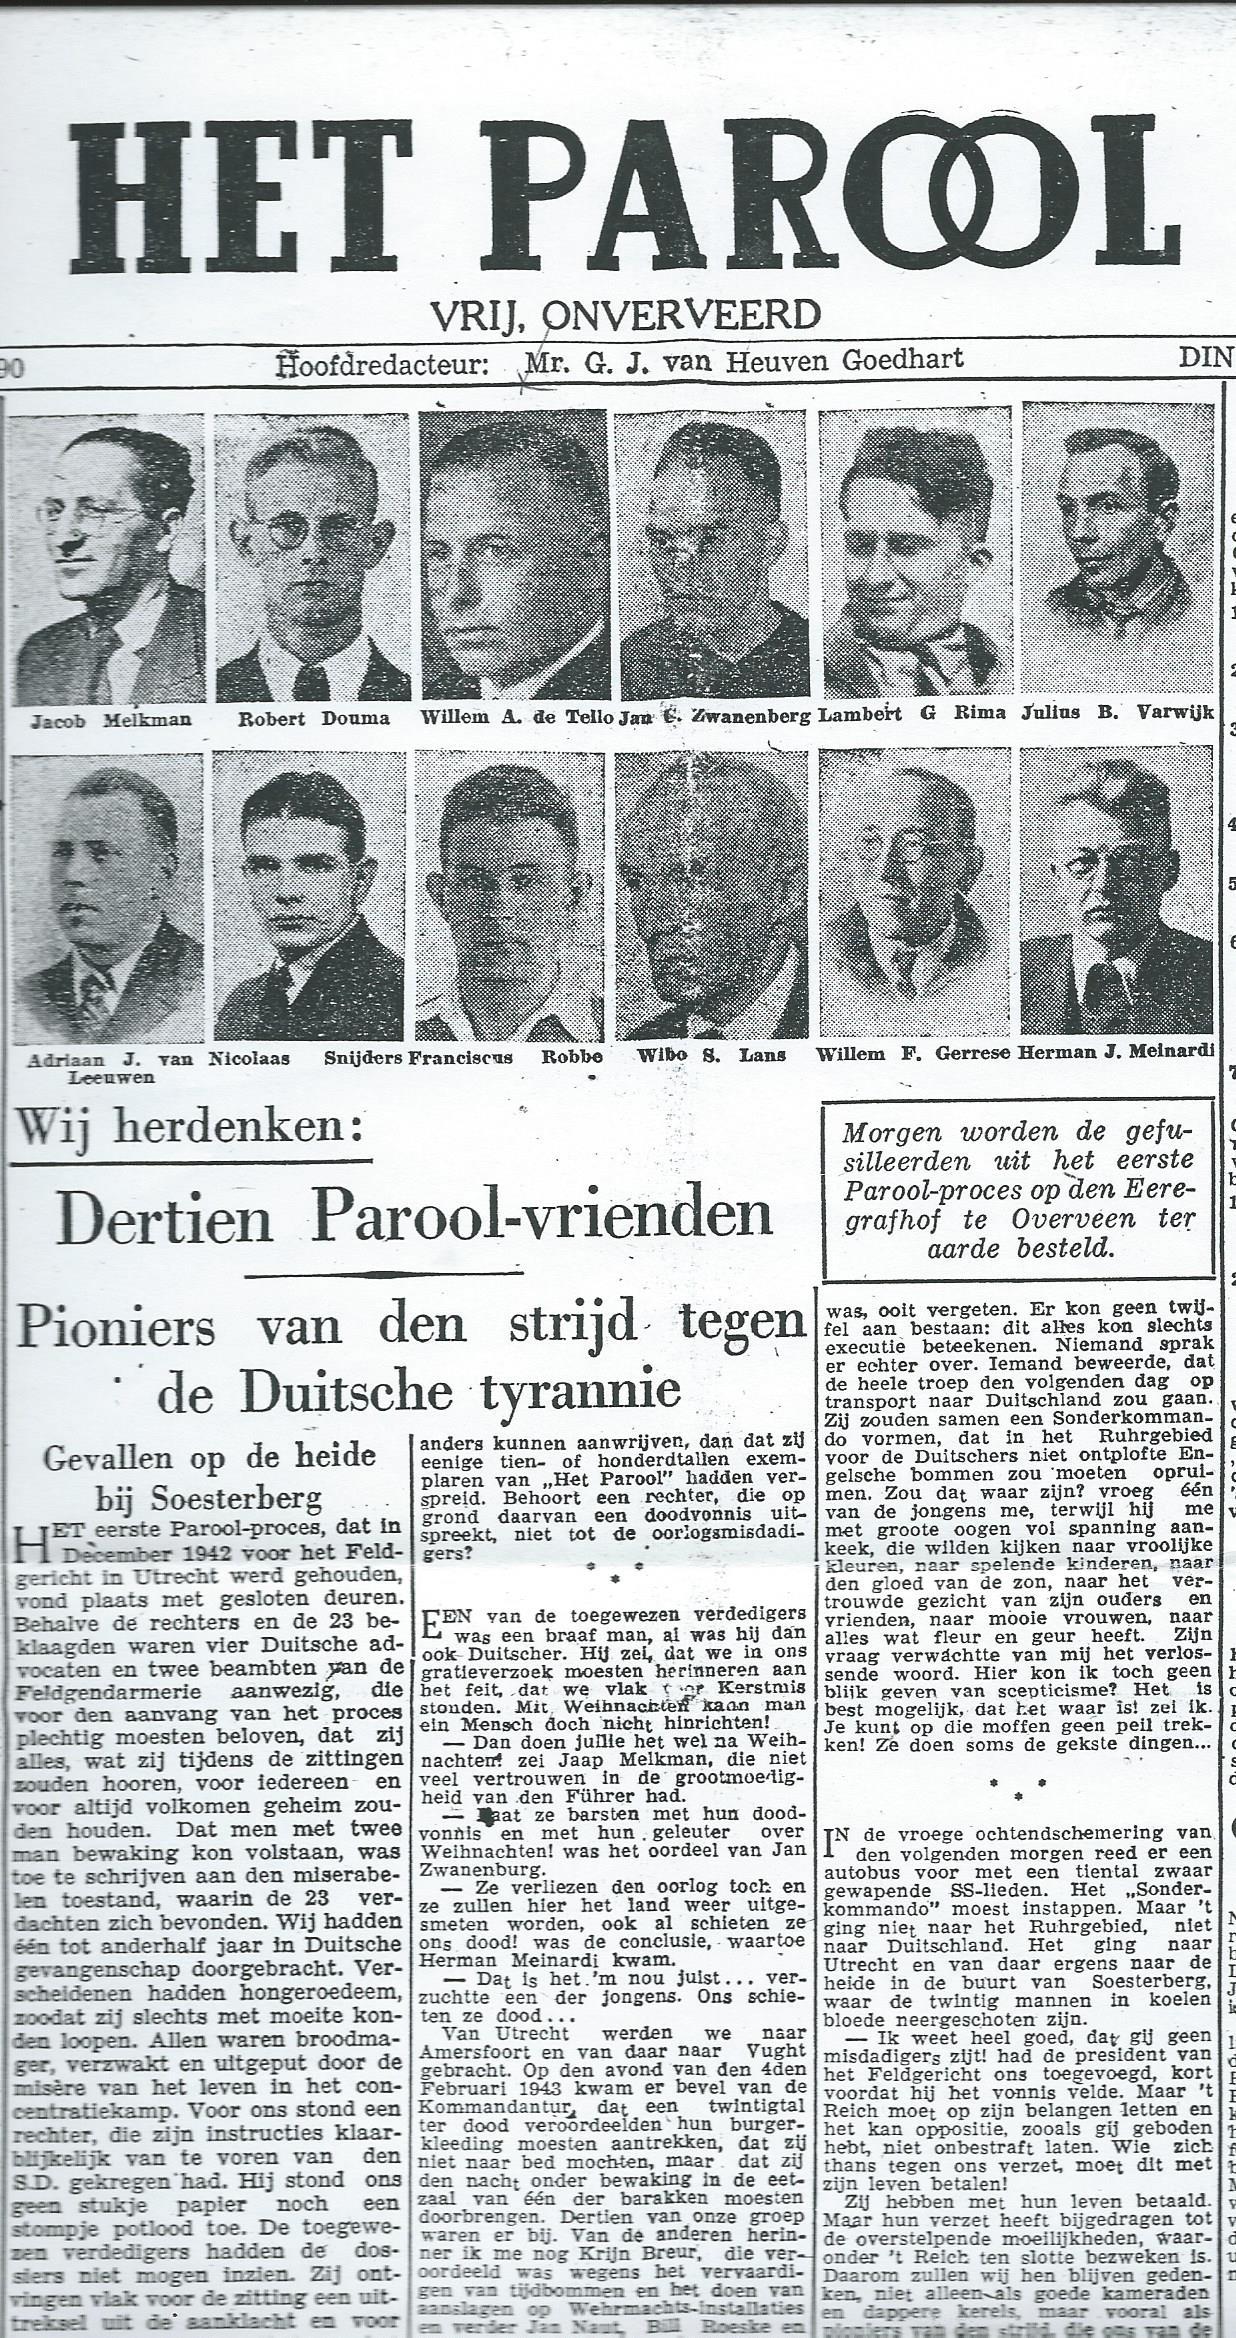 Herdenking Willem A.de Tello en 12 andere Parool-medewerlers. Uit: Het Parool van 18 december 1945